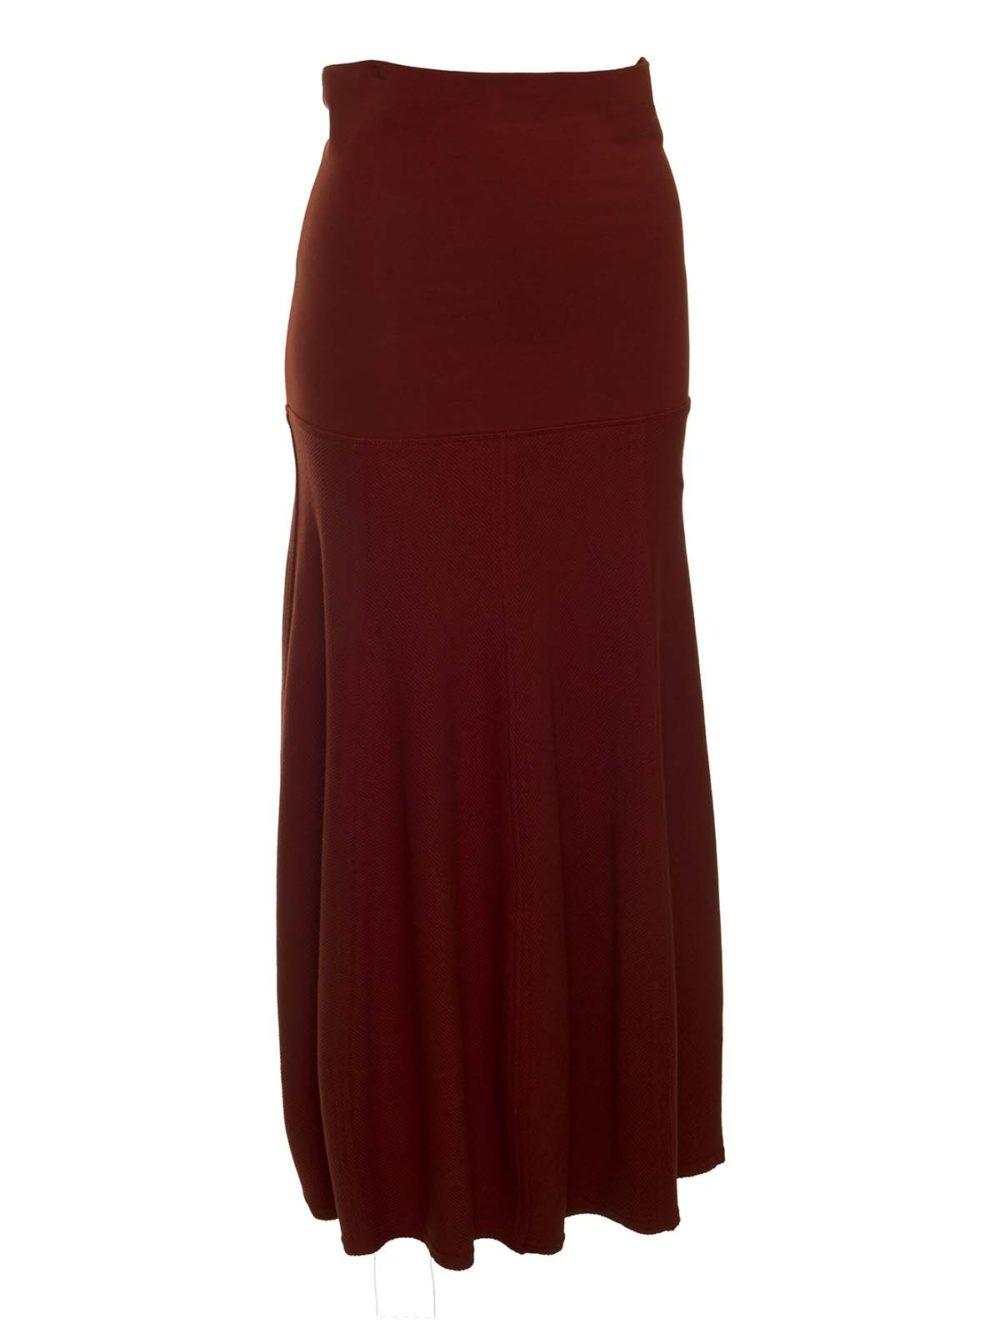 Heike Skirt Elemente Clemente Katie Kerr Women's Clothing